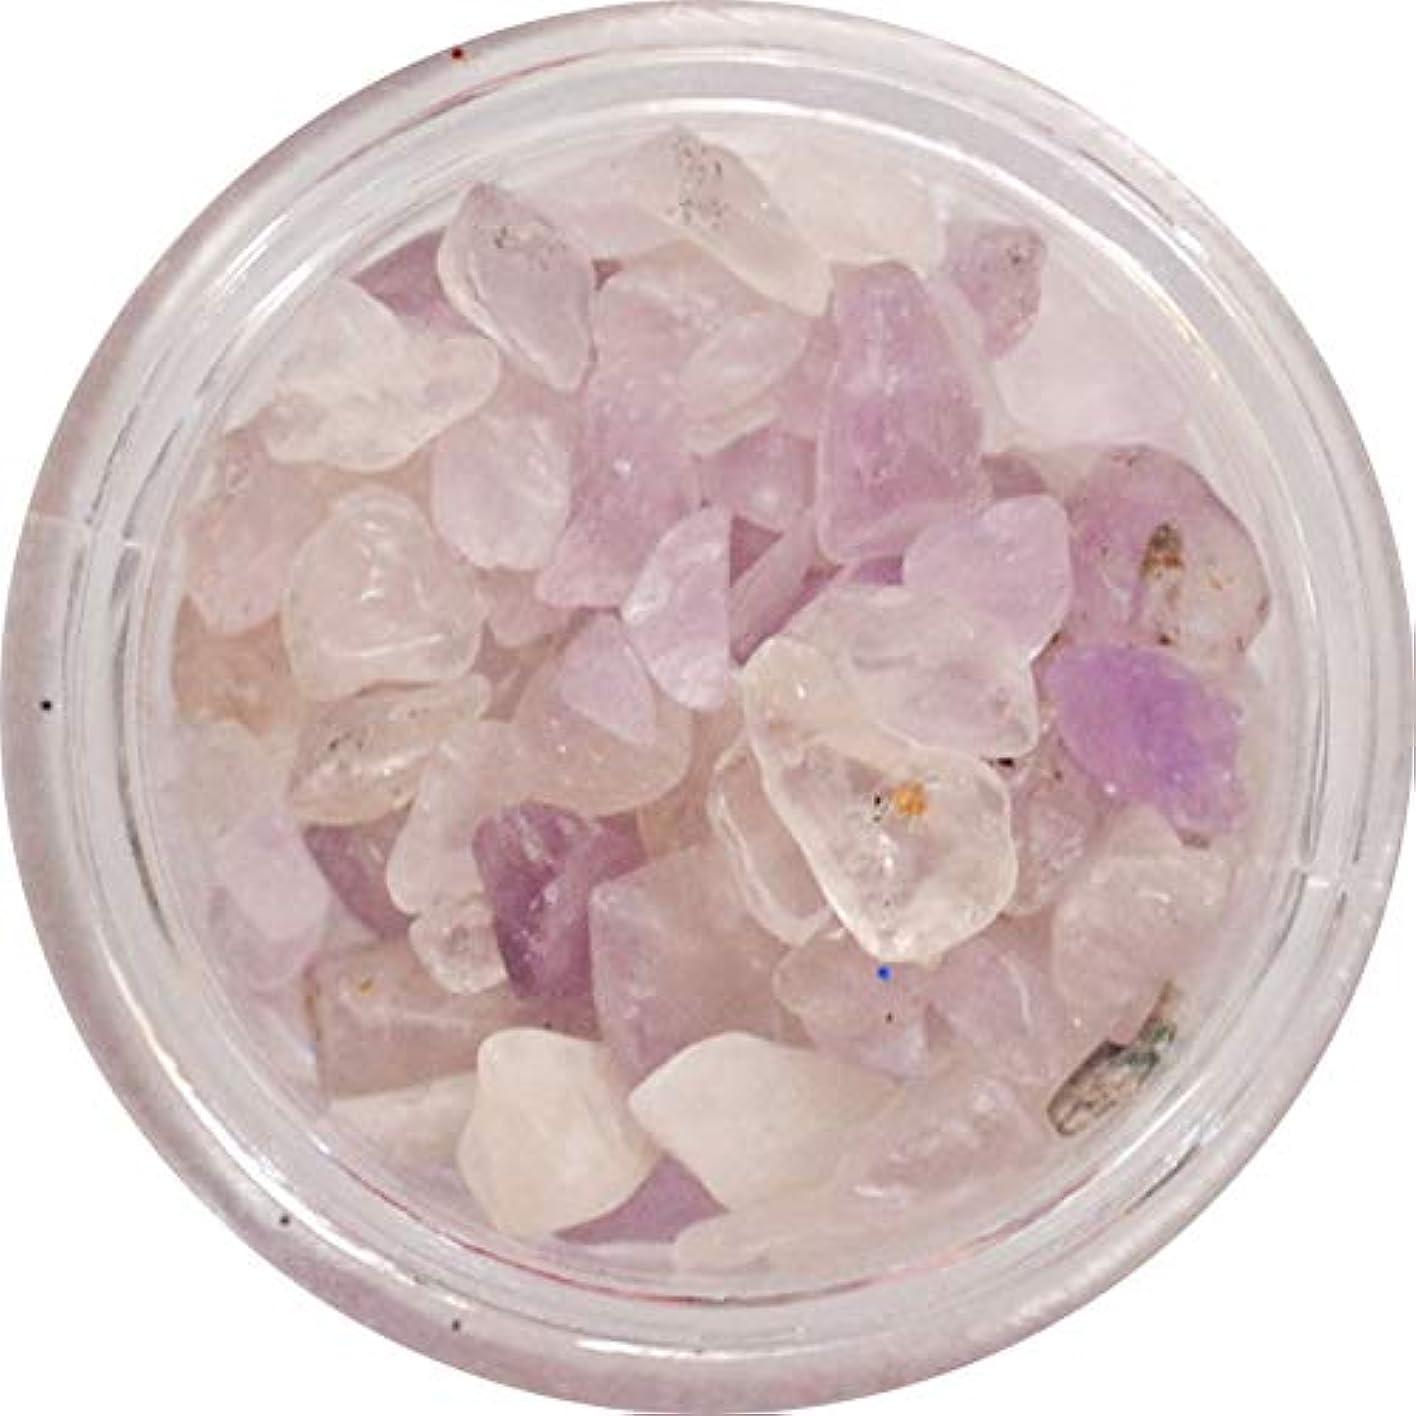 ブラザーフォルダ天然石のネイルパーツ Natural Stones 丸いプラスチックケース入り (ライトアメジスト風)